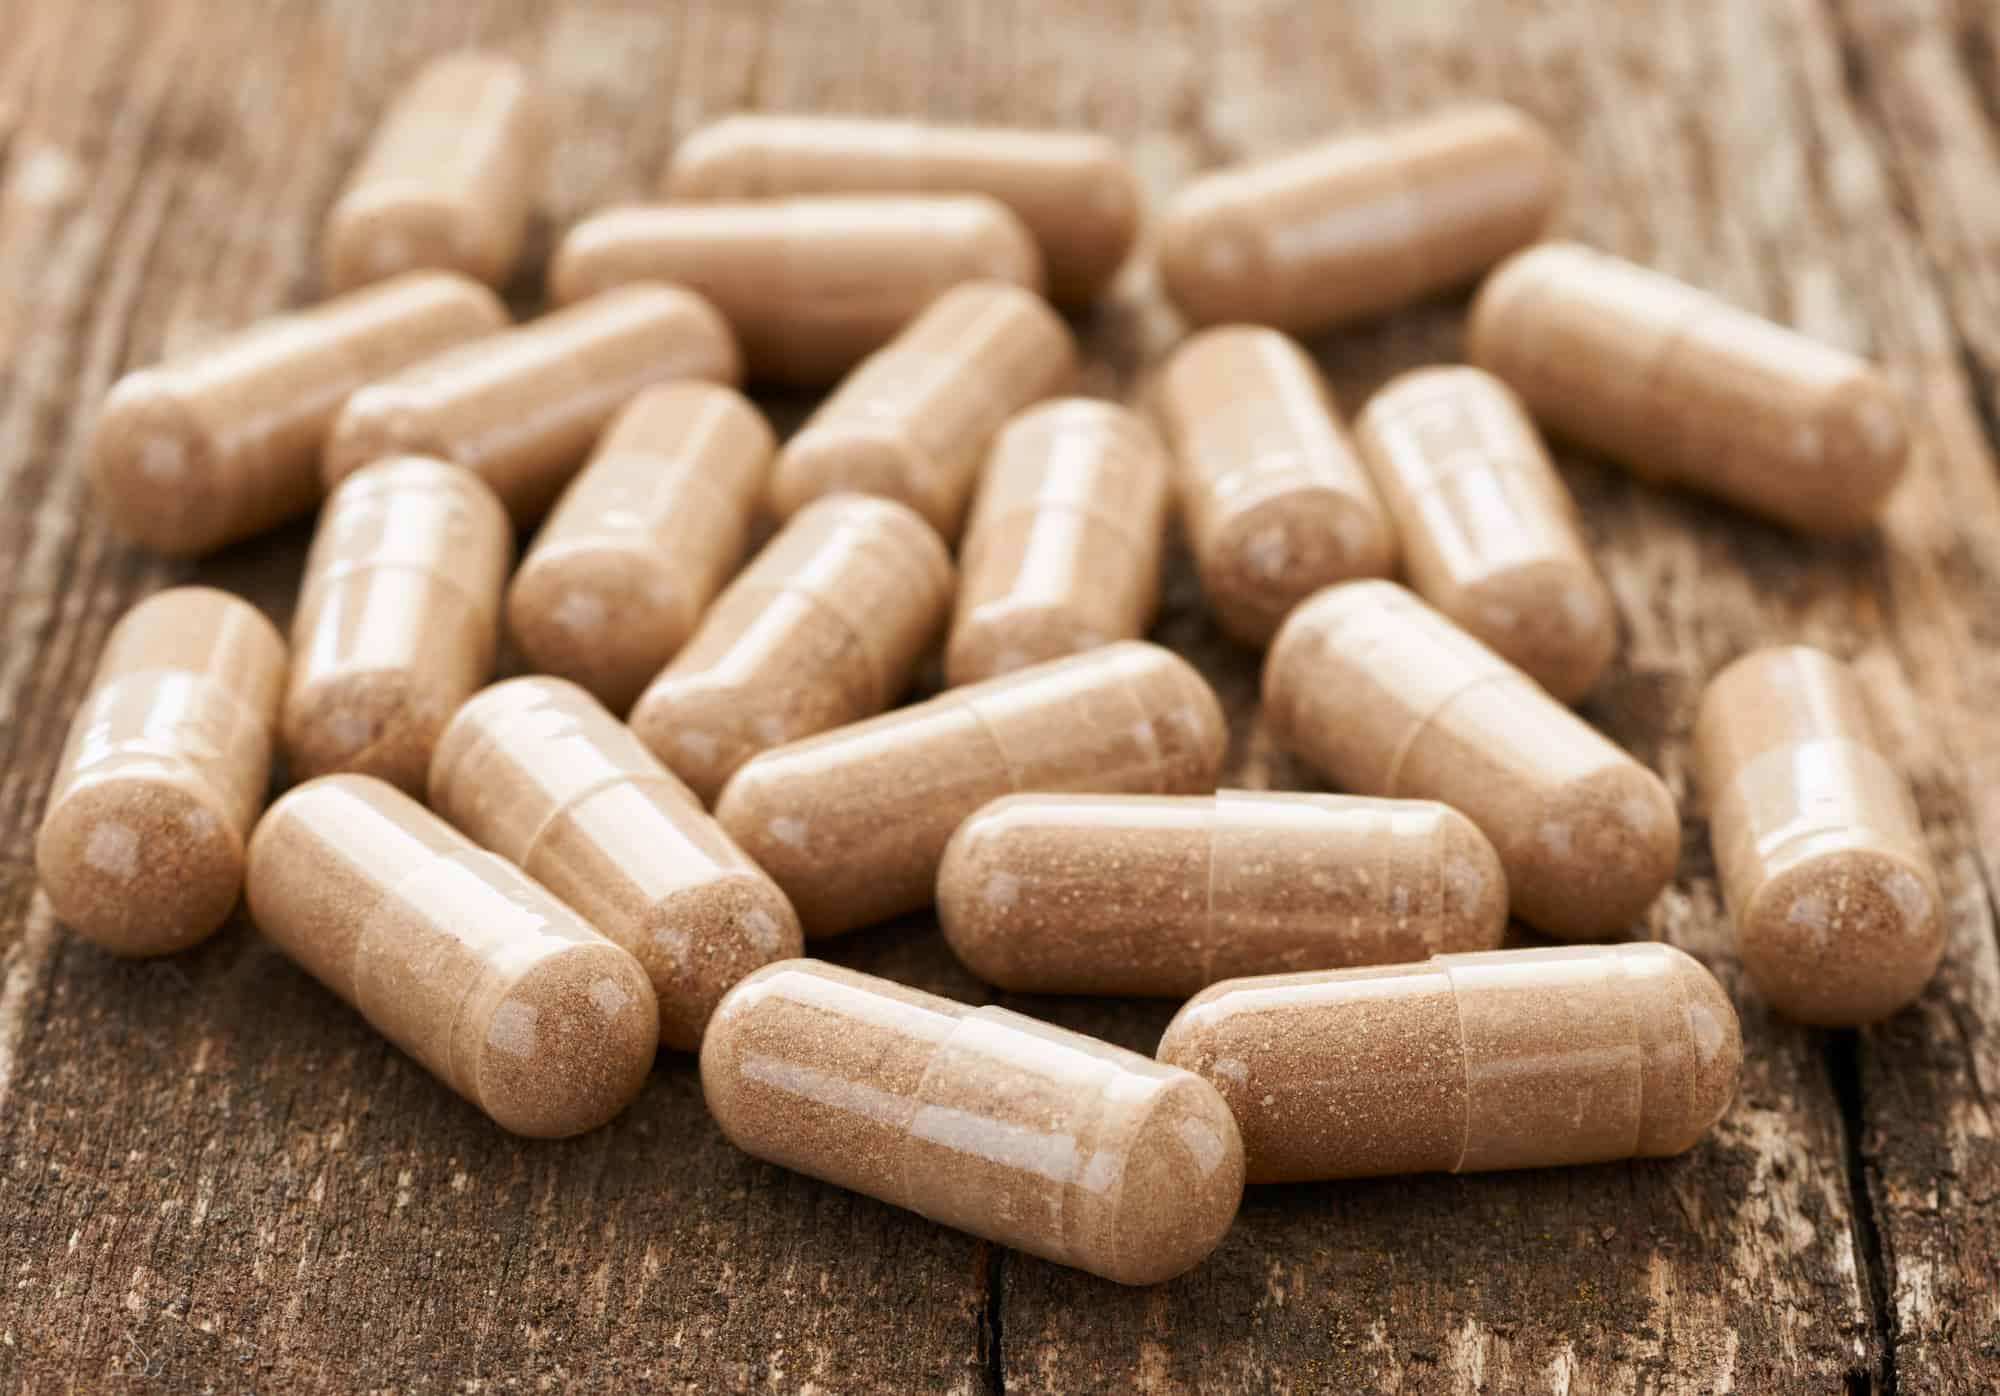 probiotics on wood table